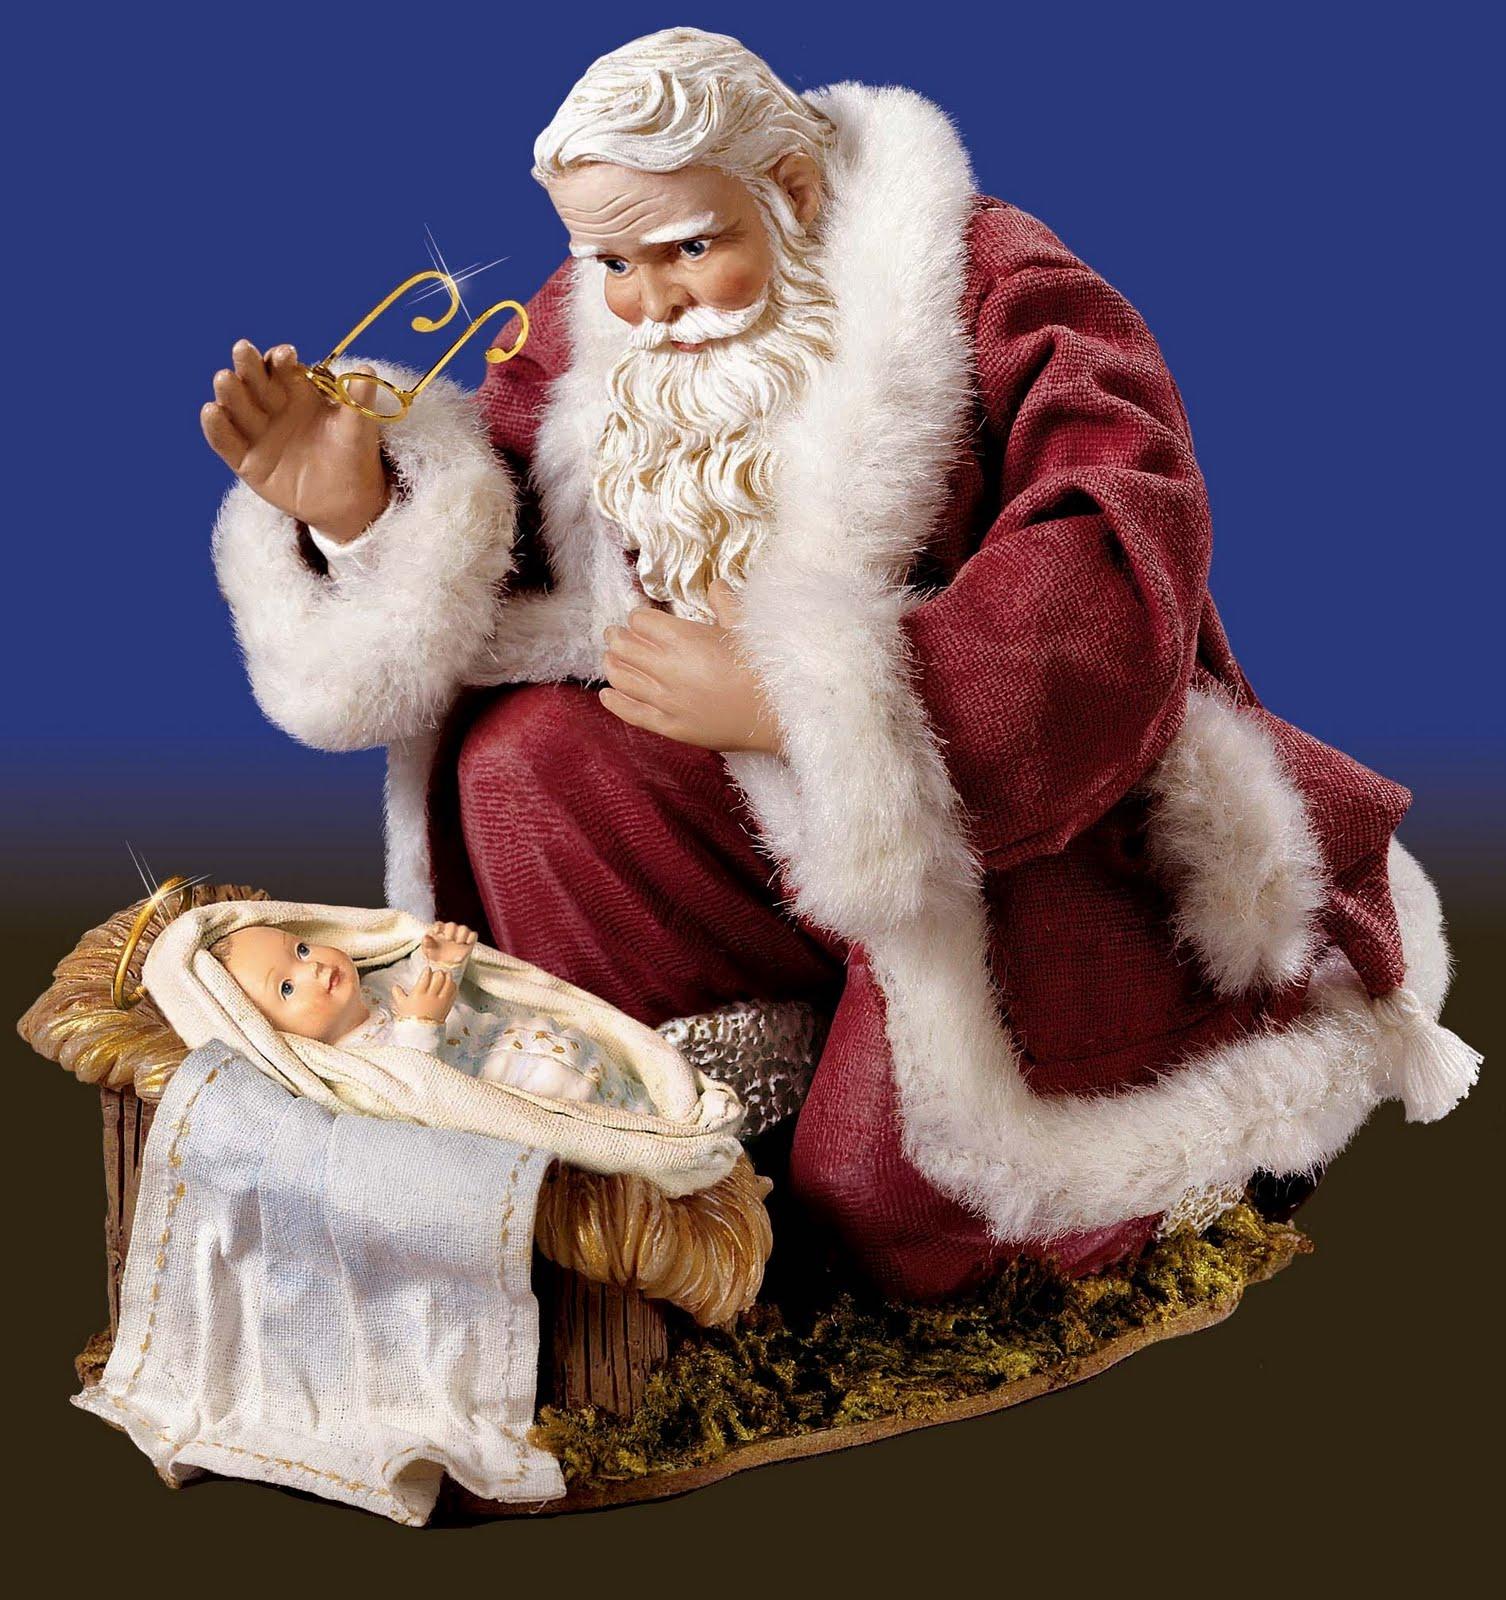 442fff6cc3ca Eis uma belíssima e, principalmente, autoexplicativa imagem do Papai Noel  ou São Nicolau: adorando o menino Jesus. Nesta imagem todos nós, católicos,  ...